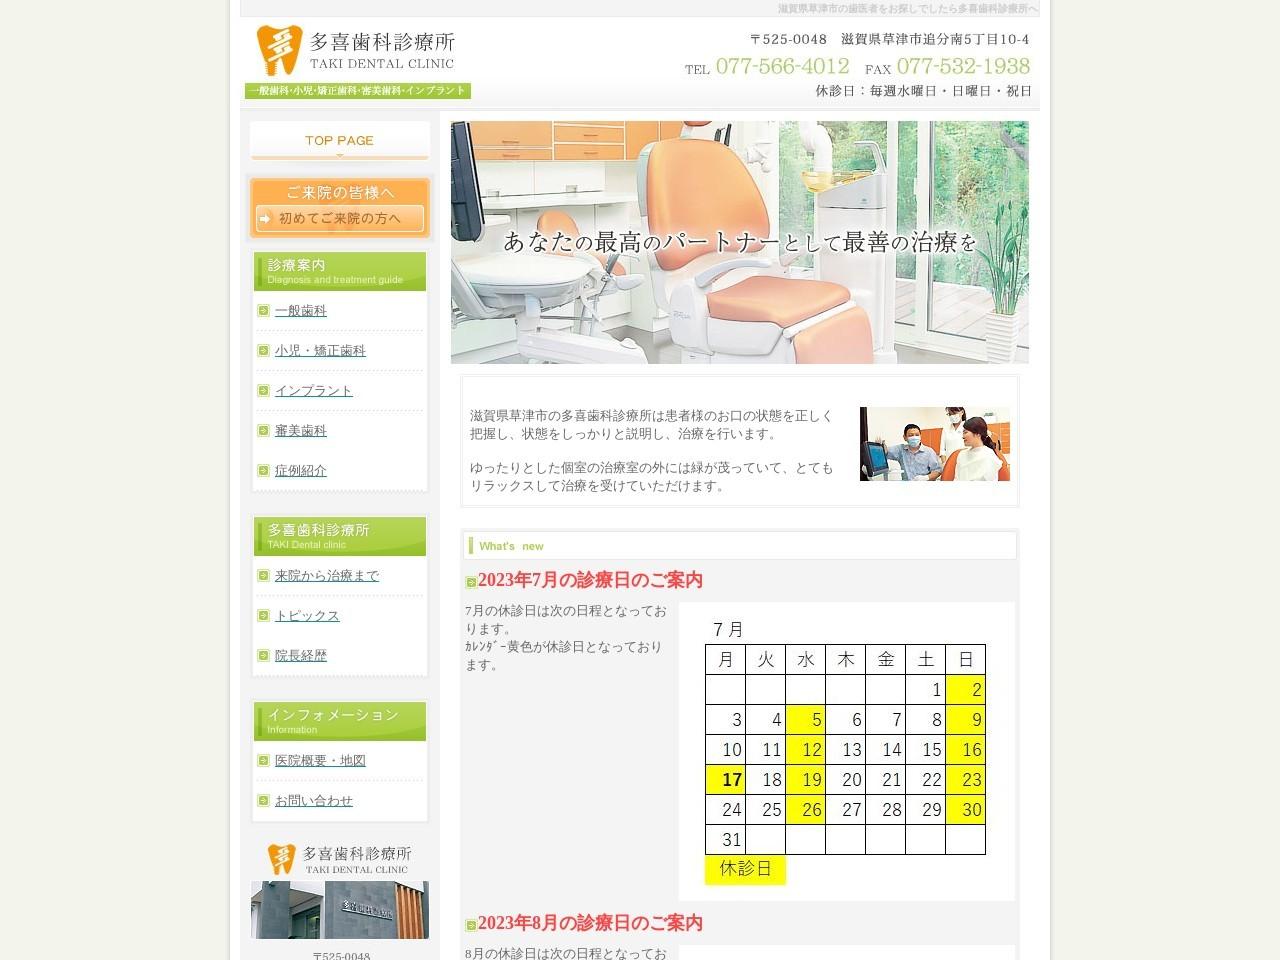 多喜歯科診療所 (滋賀県草津市)